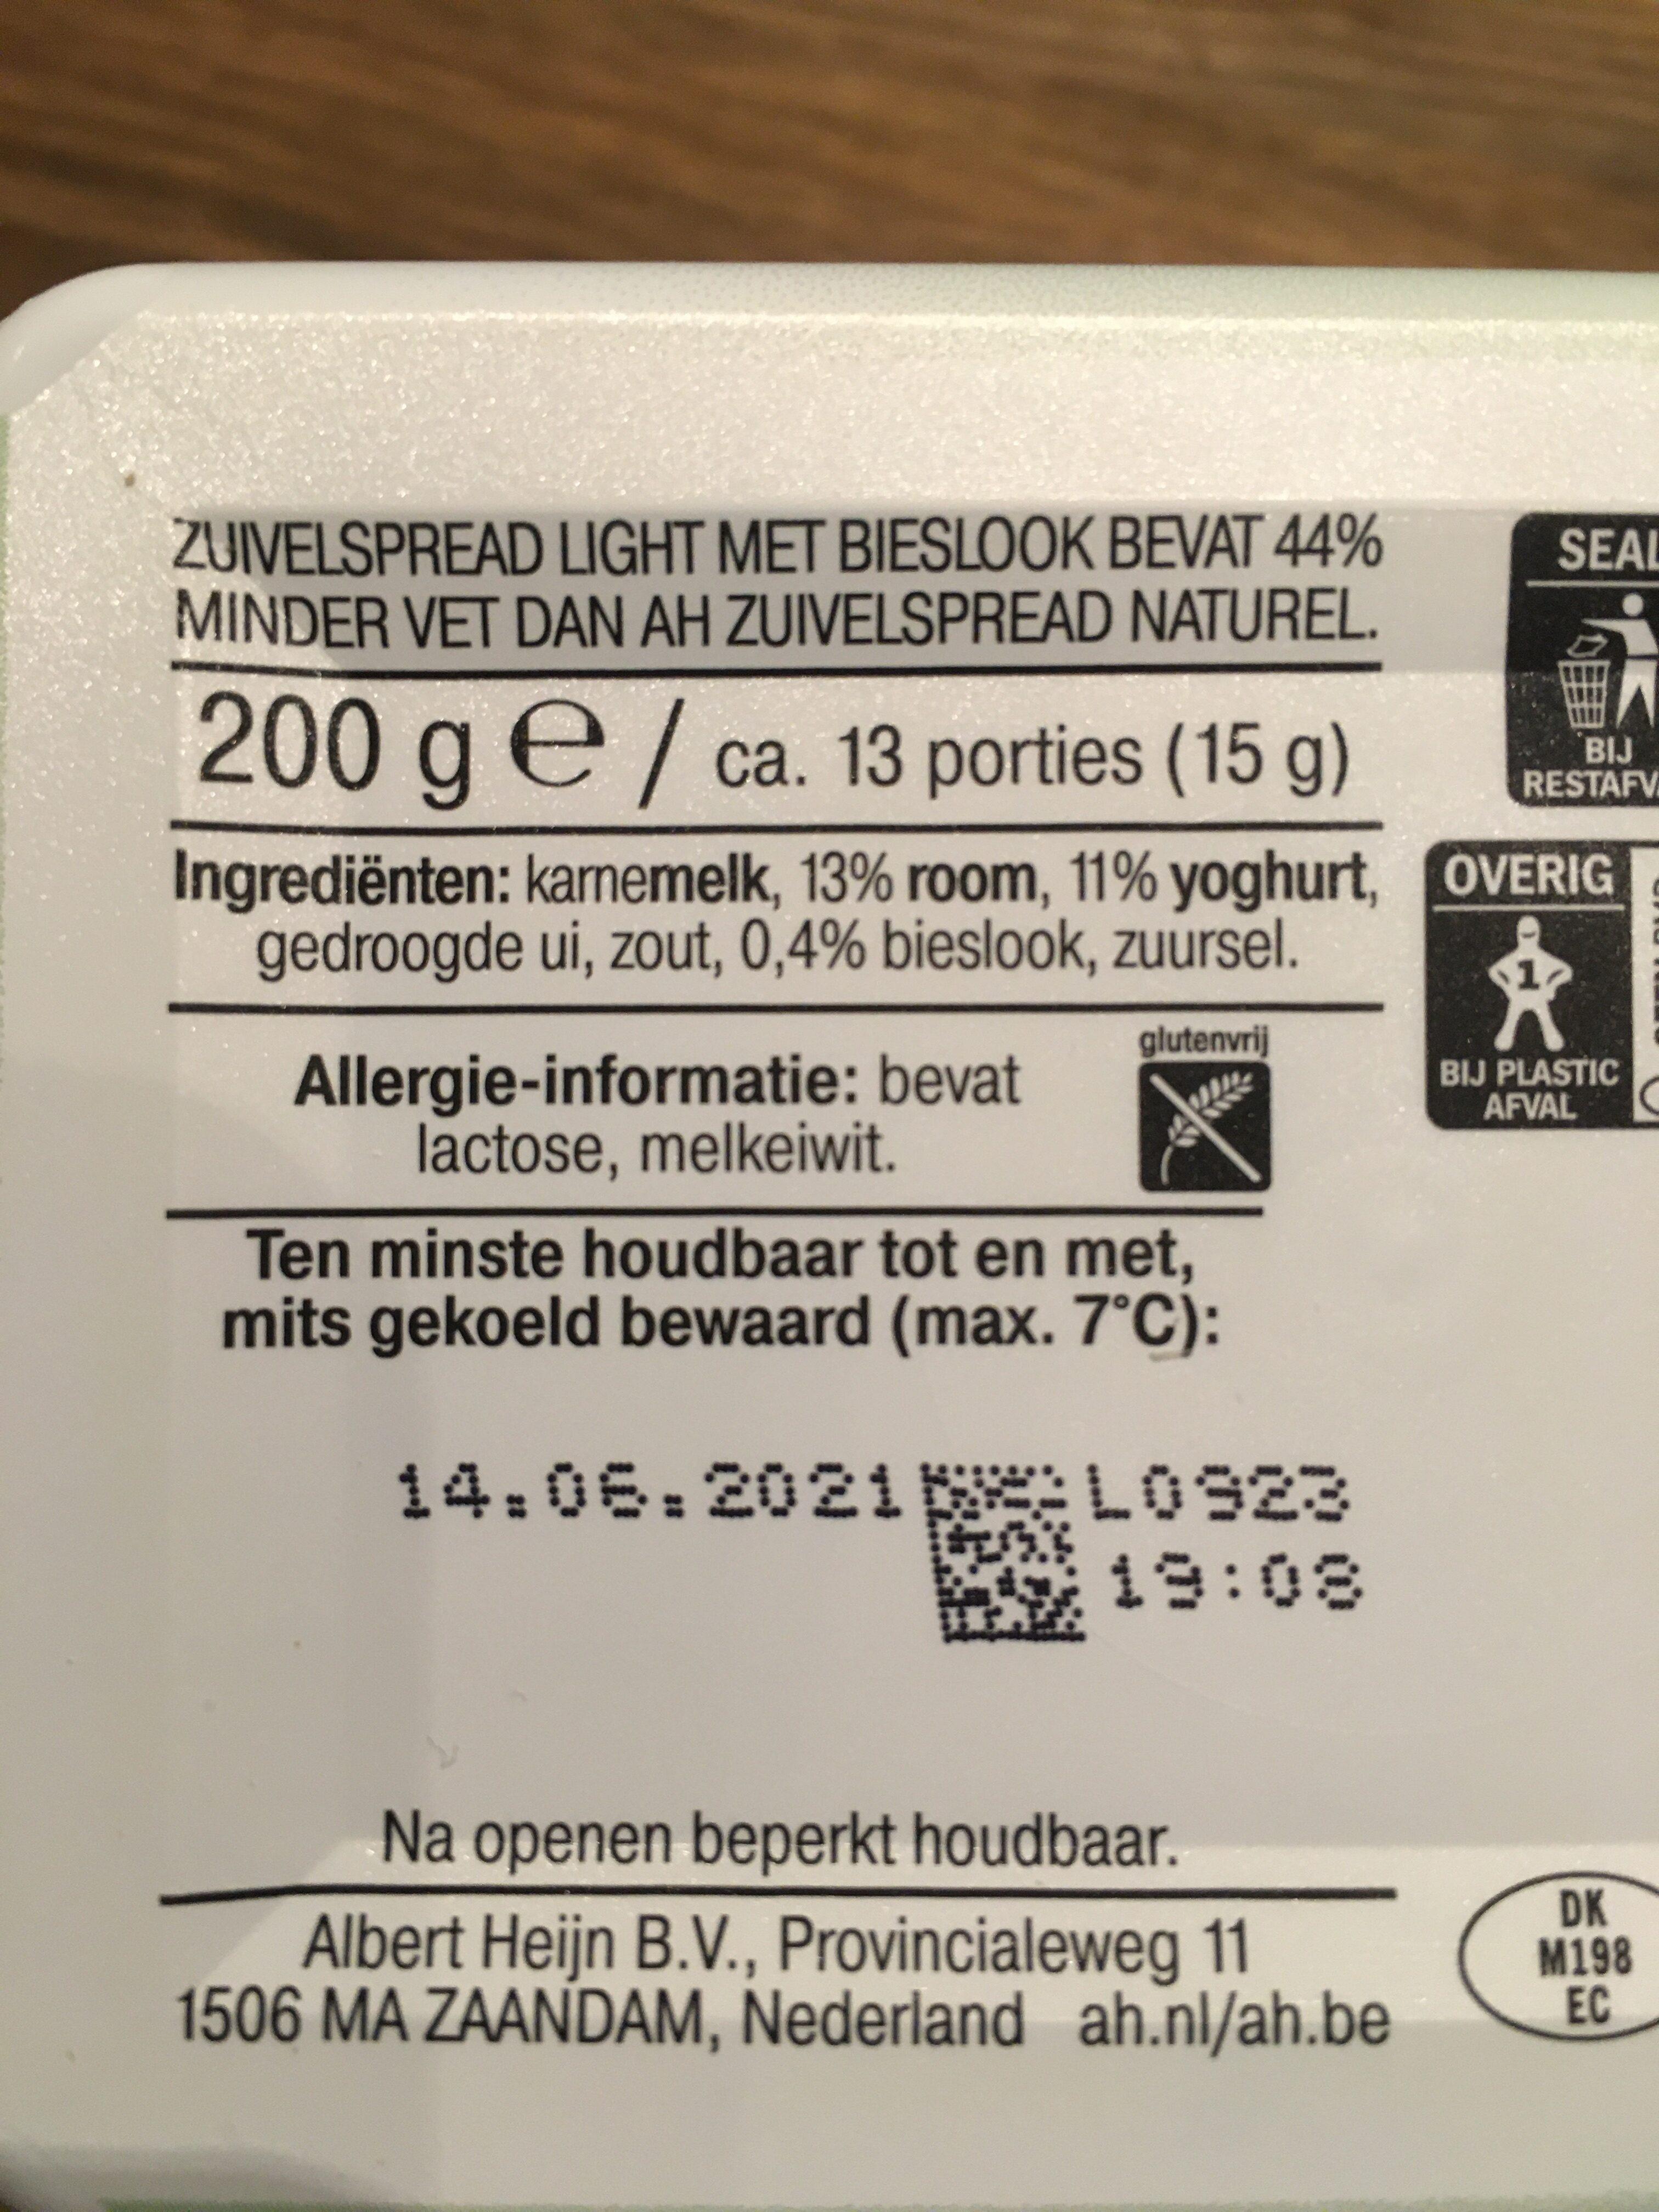 Zuivelspread Light met Bieslook - Ingredients - nl